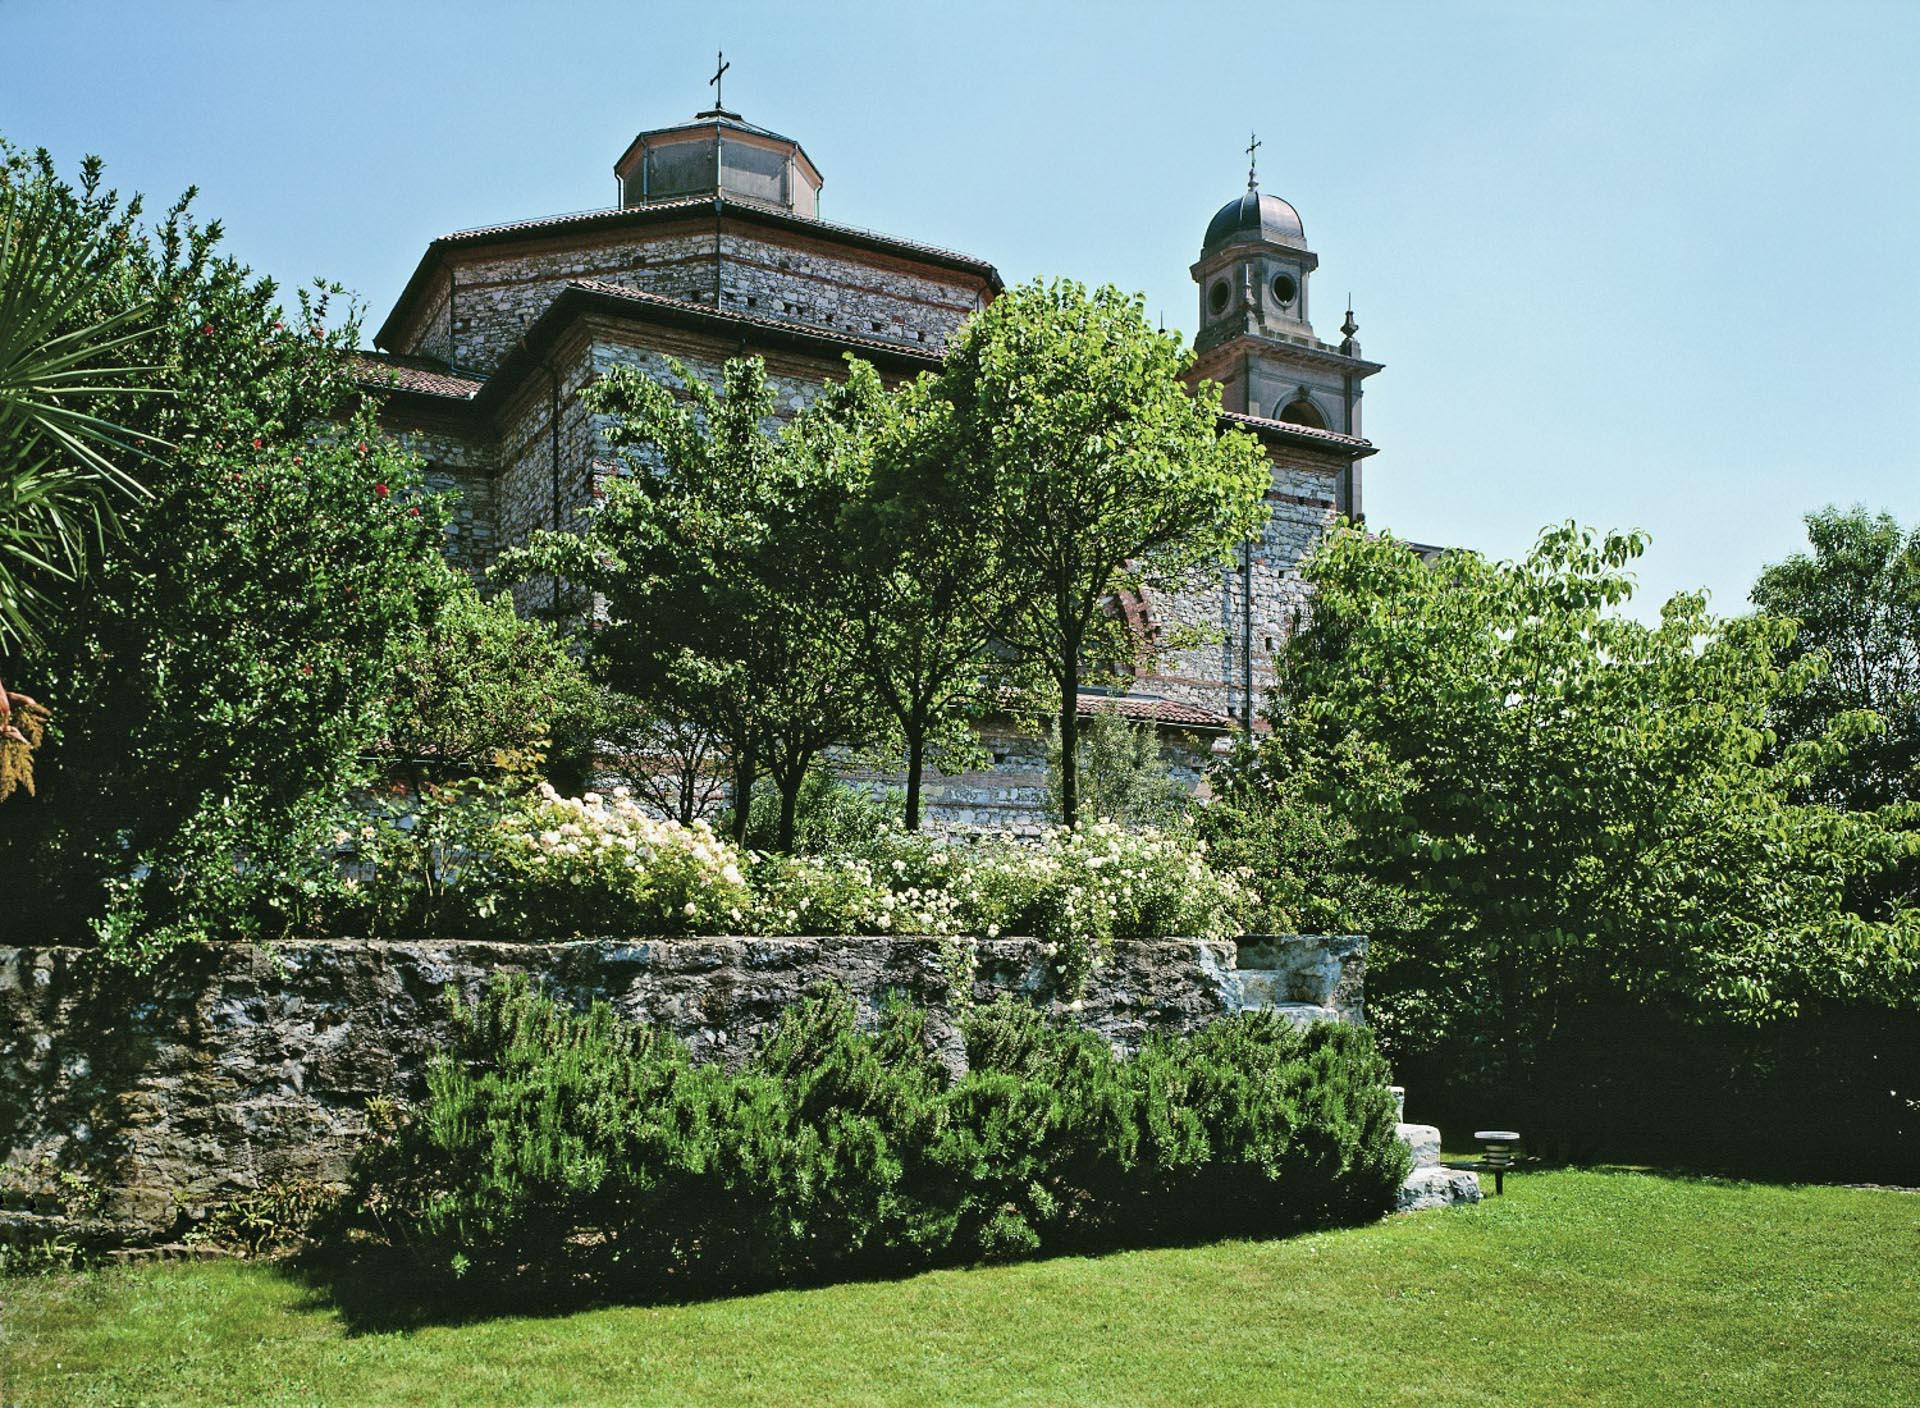 giardino Mendrisio Chiesa